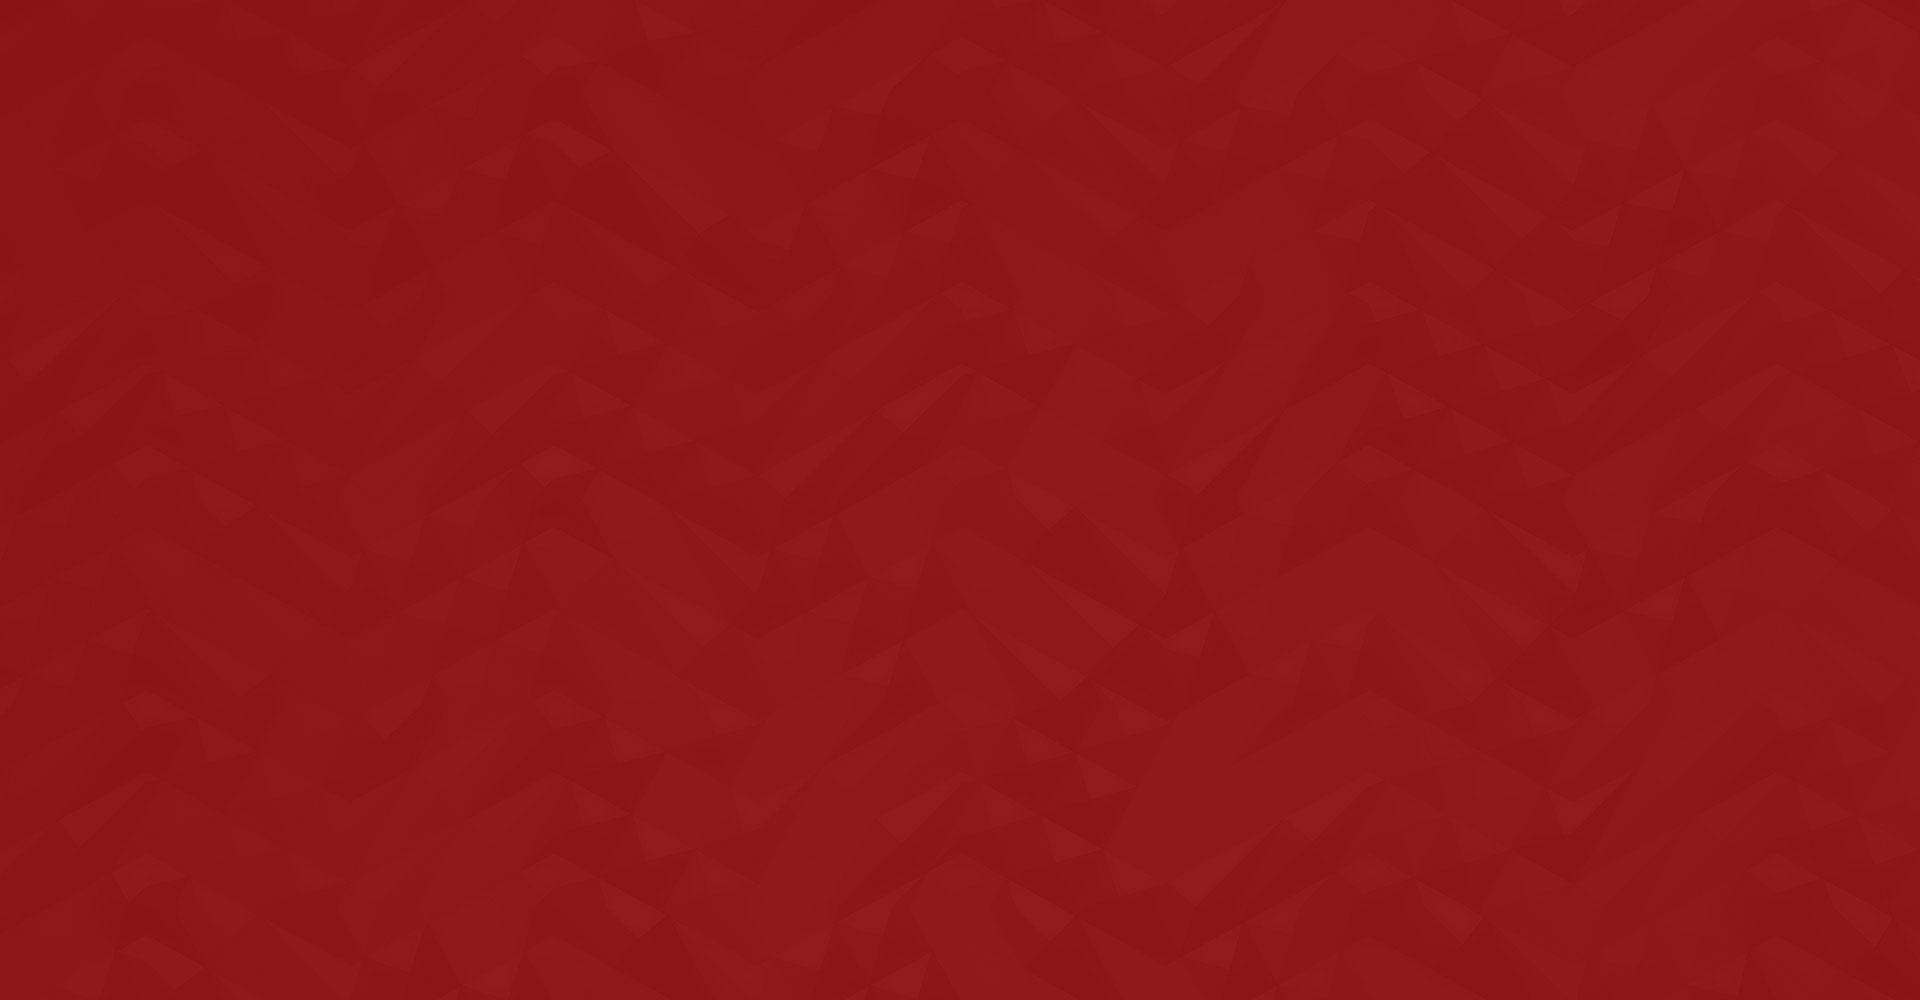 bg-red